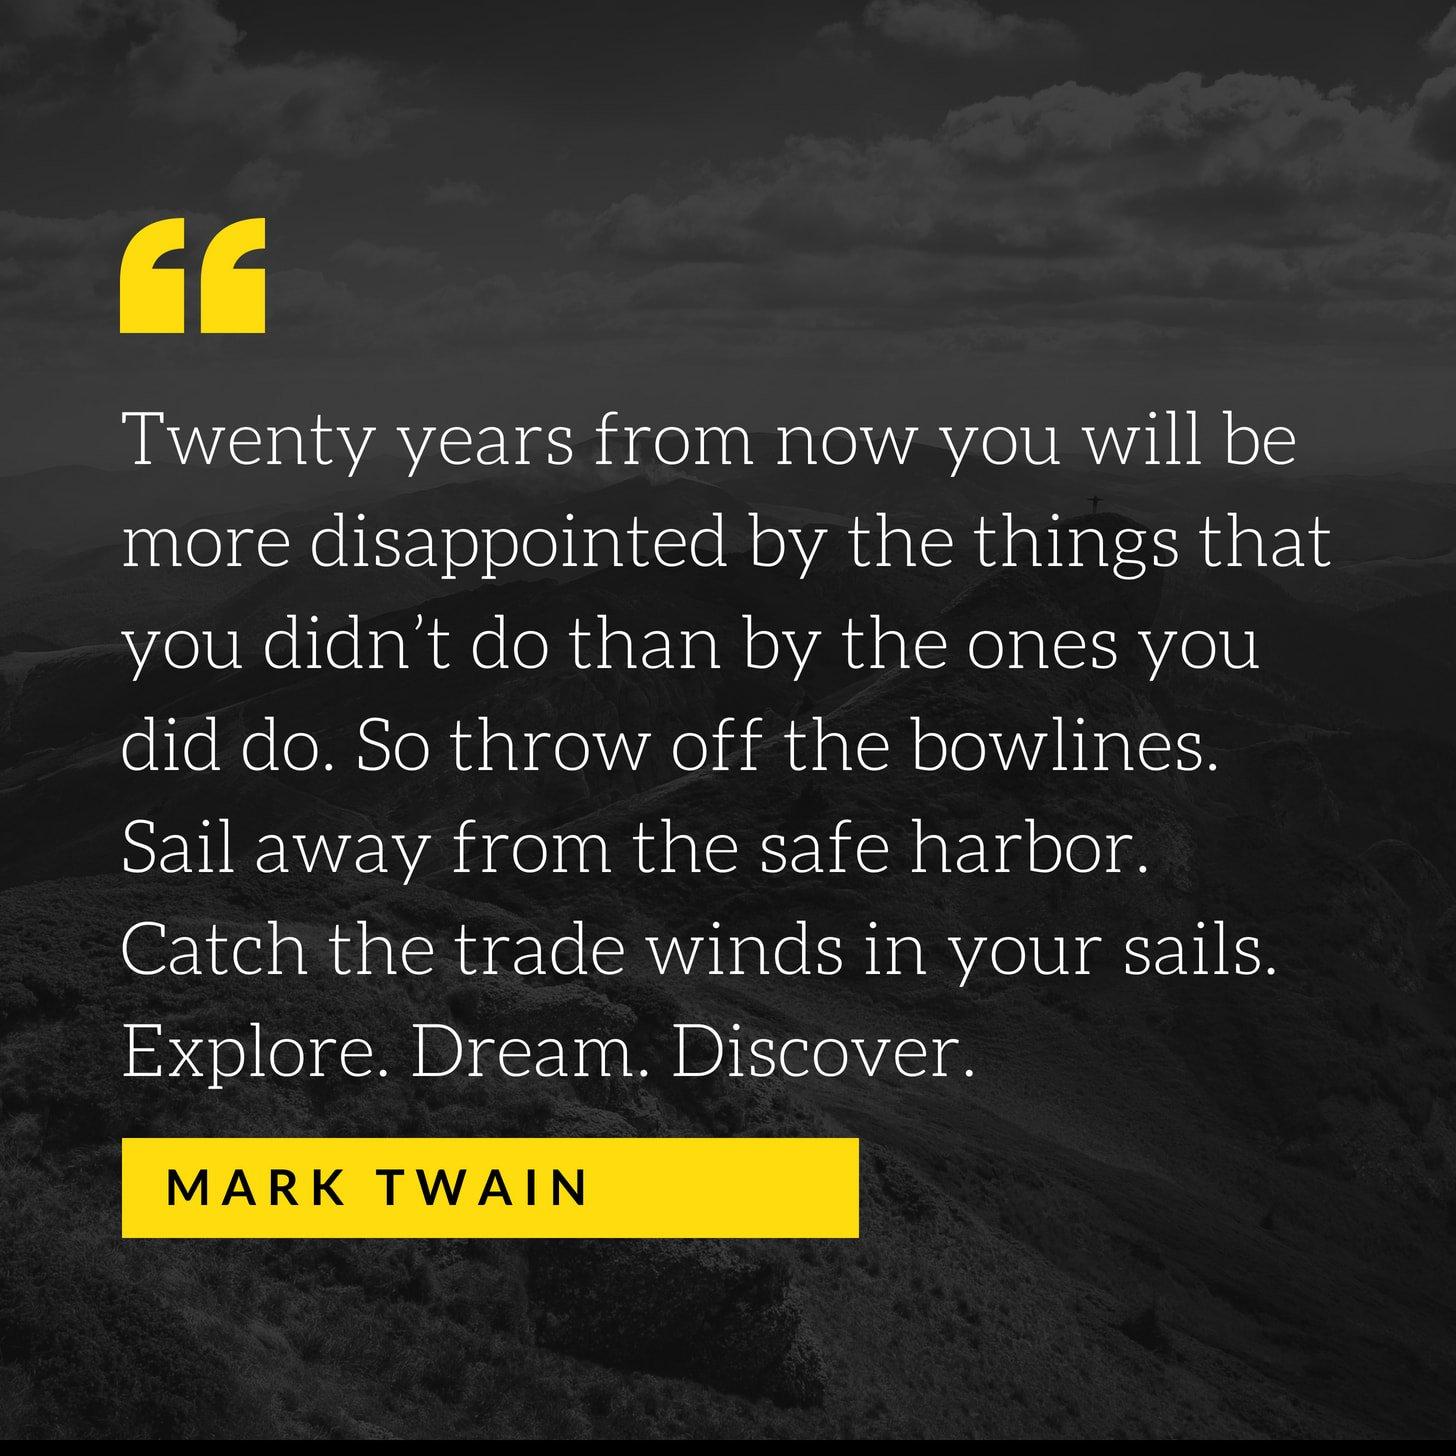 Mark Twain Instagram Quote